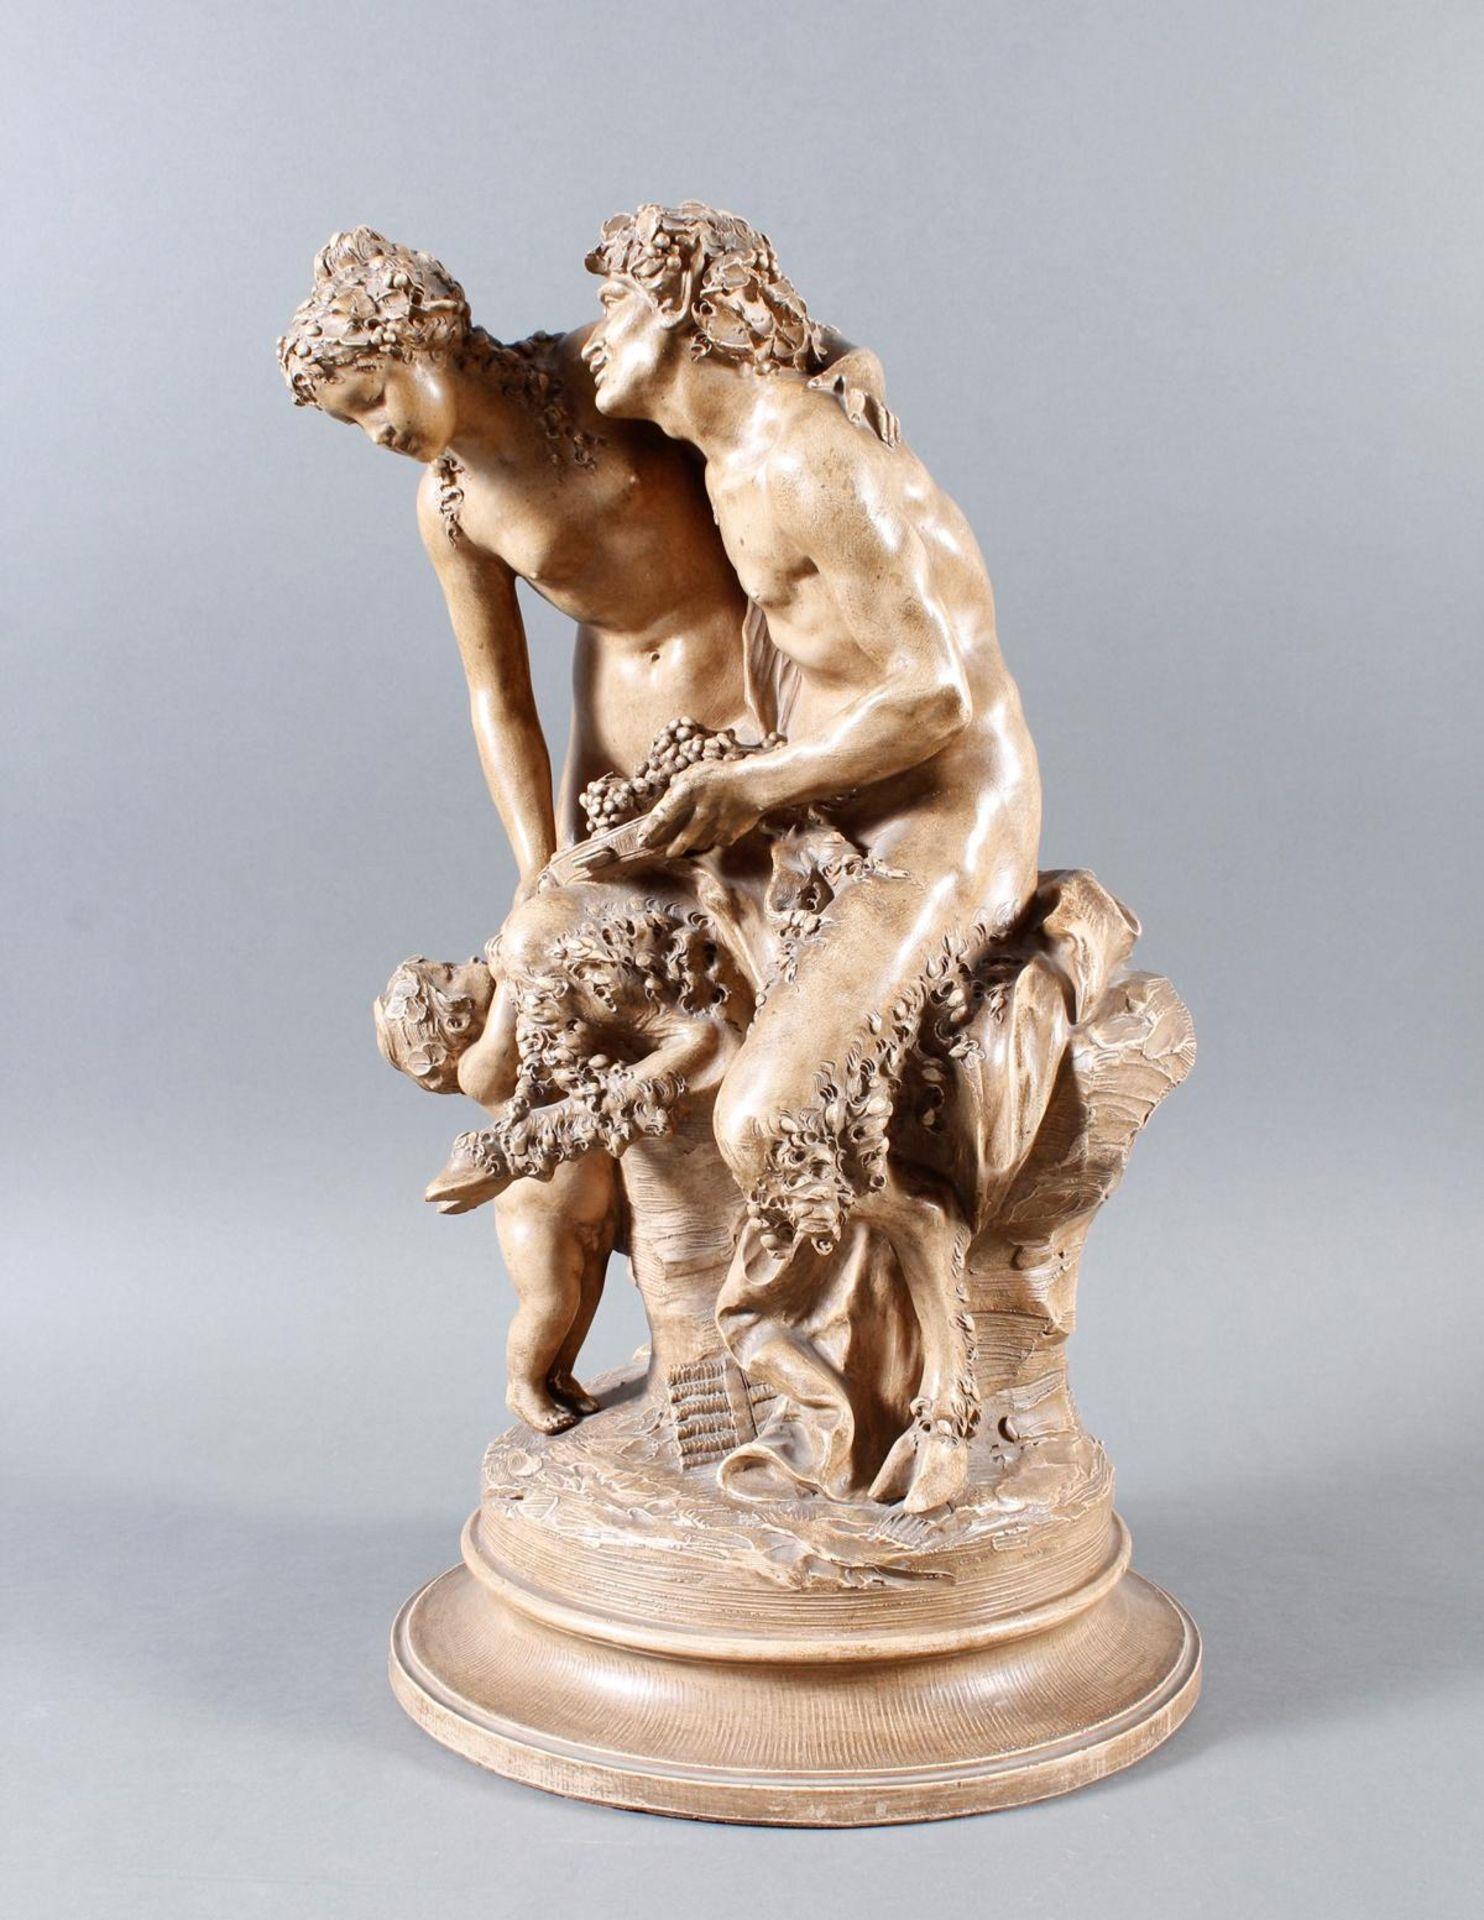 Terakottafigur, Clodion, Claude-Michel (1738-1814), 19. Jahrhundert - Bild 5 aus 18